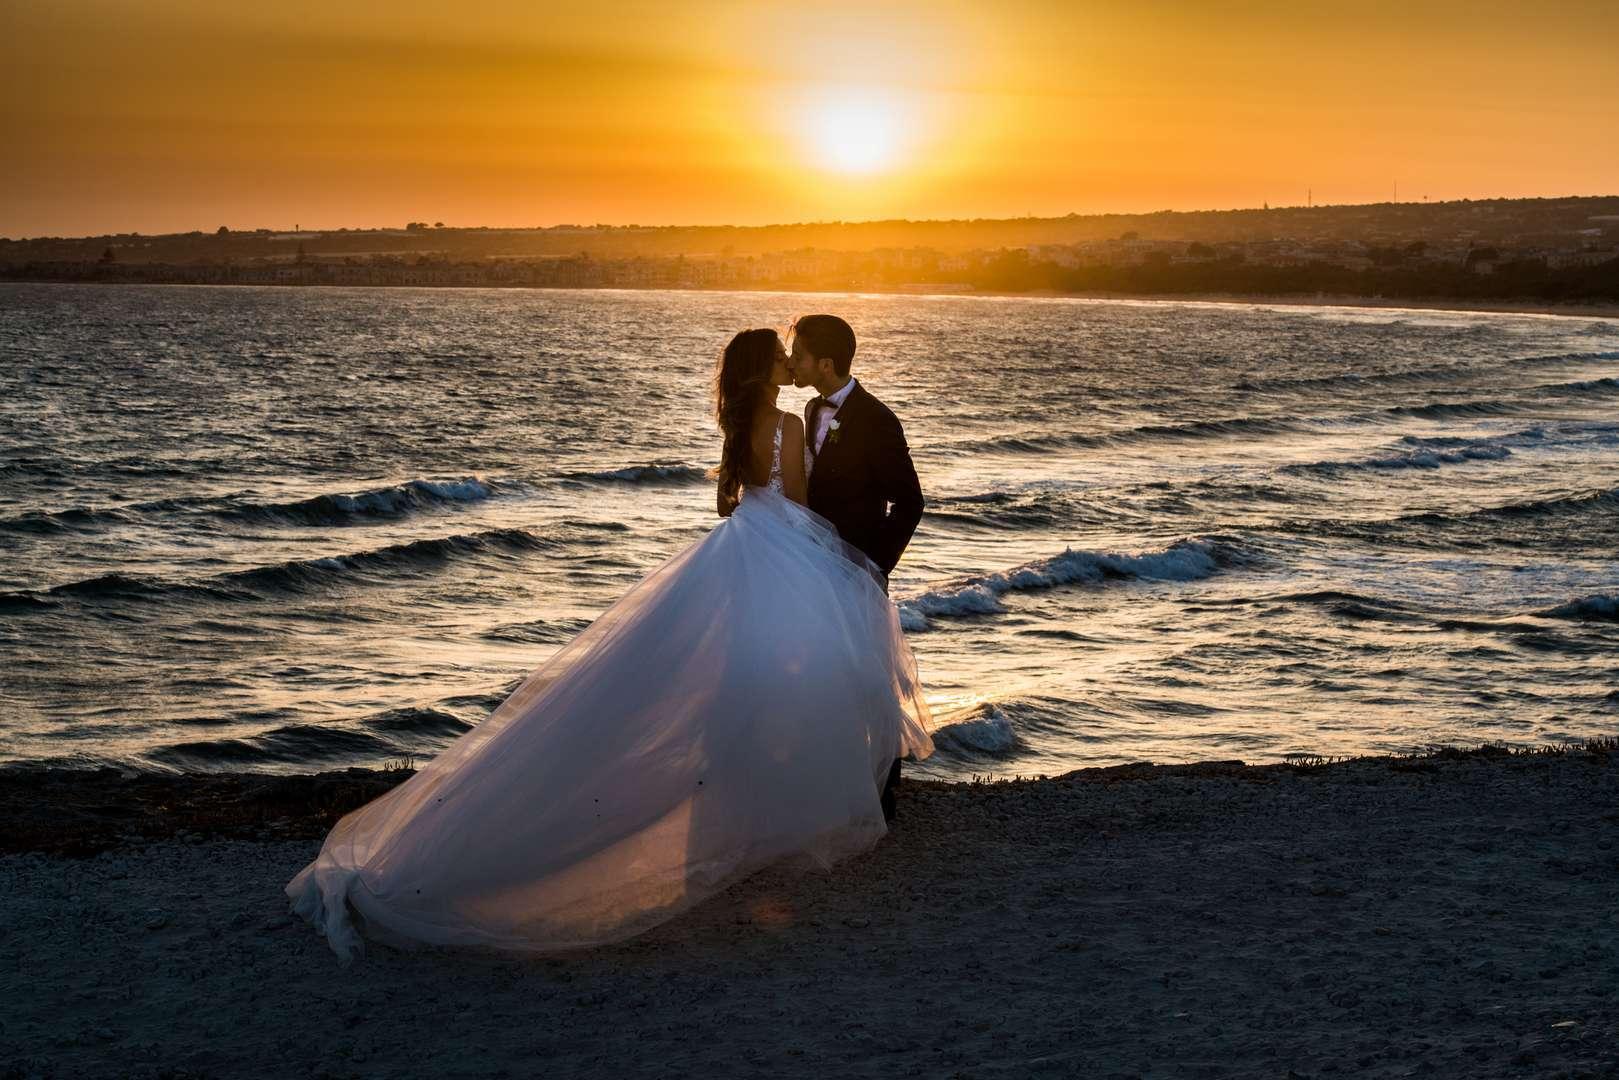 tramonto con gli sposi